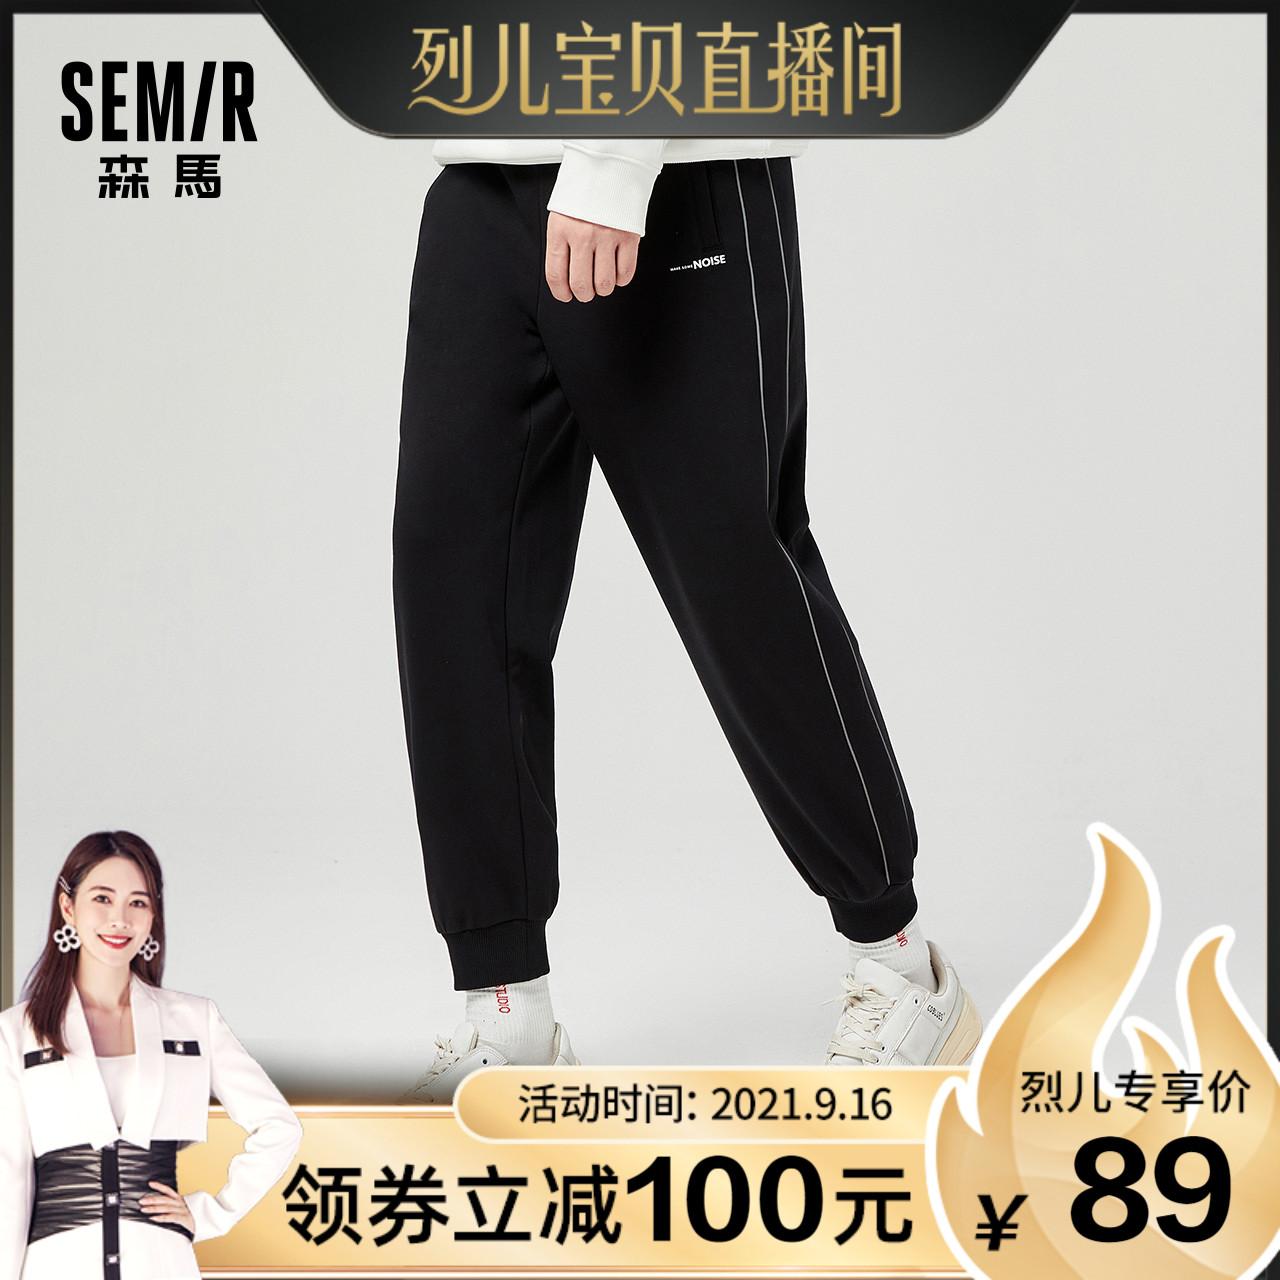 【烈儿专享】森马撞色束脚锥形裤冬季卫裤